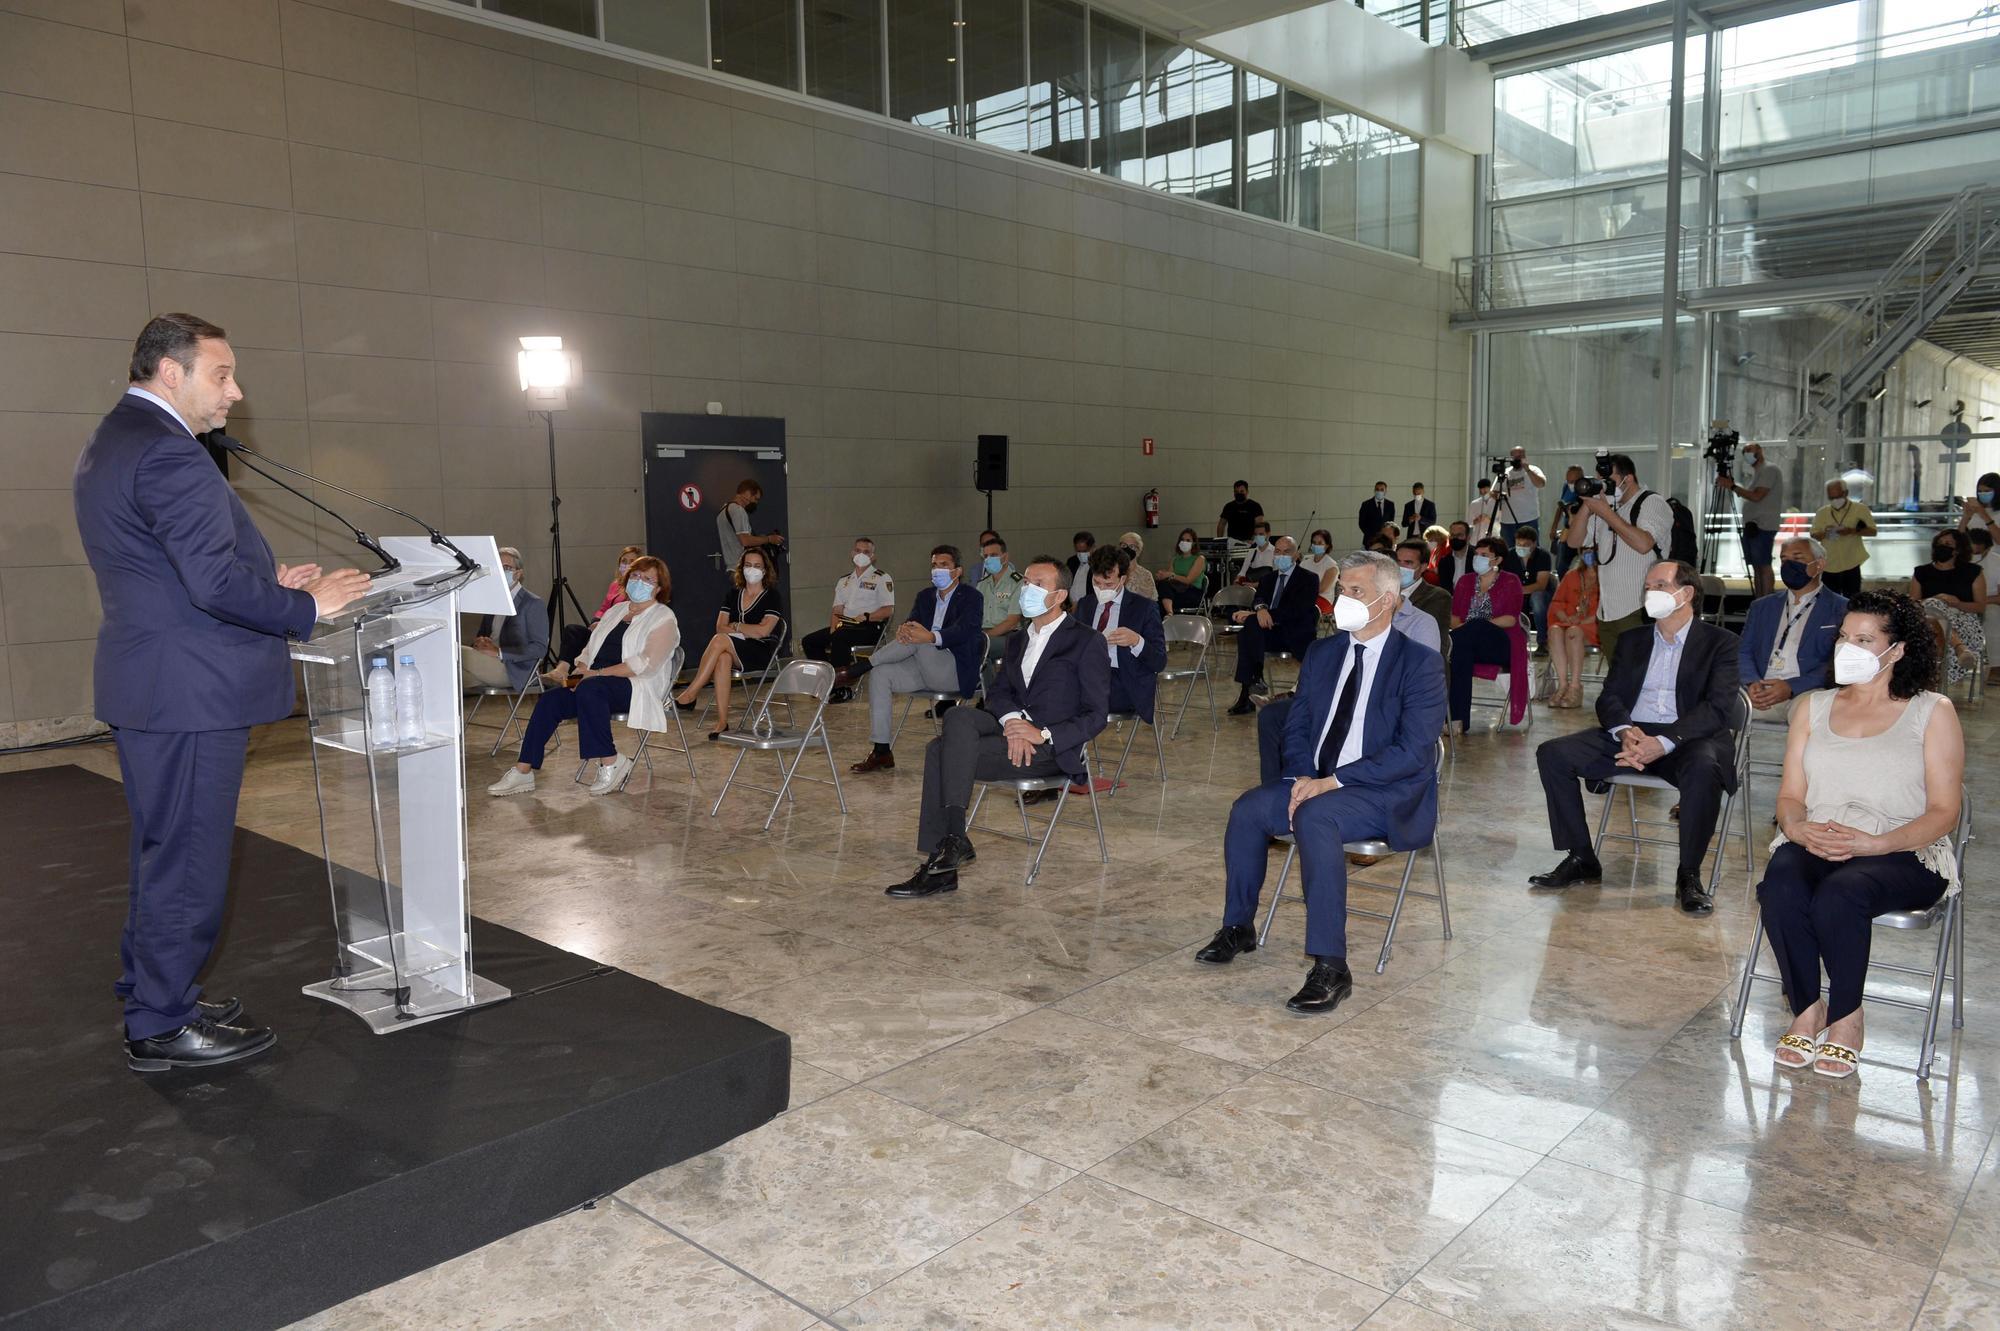 Ábalos preside la ceremonia para añadir al aeropuerto el nombre del poeta Miguel Hernández